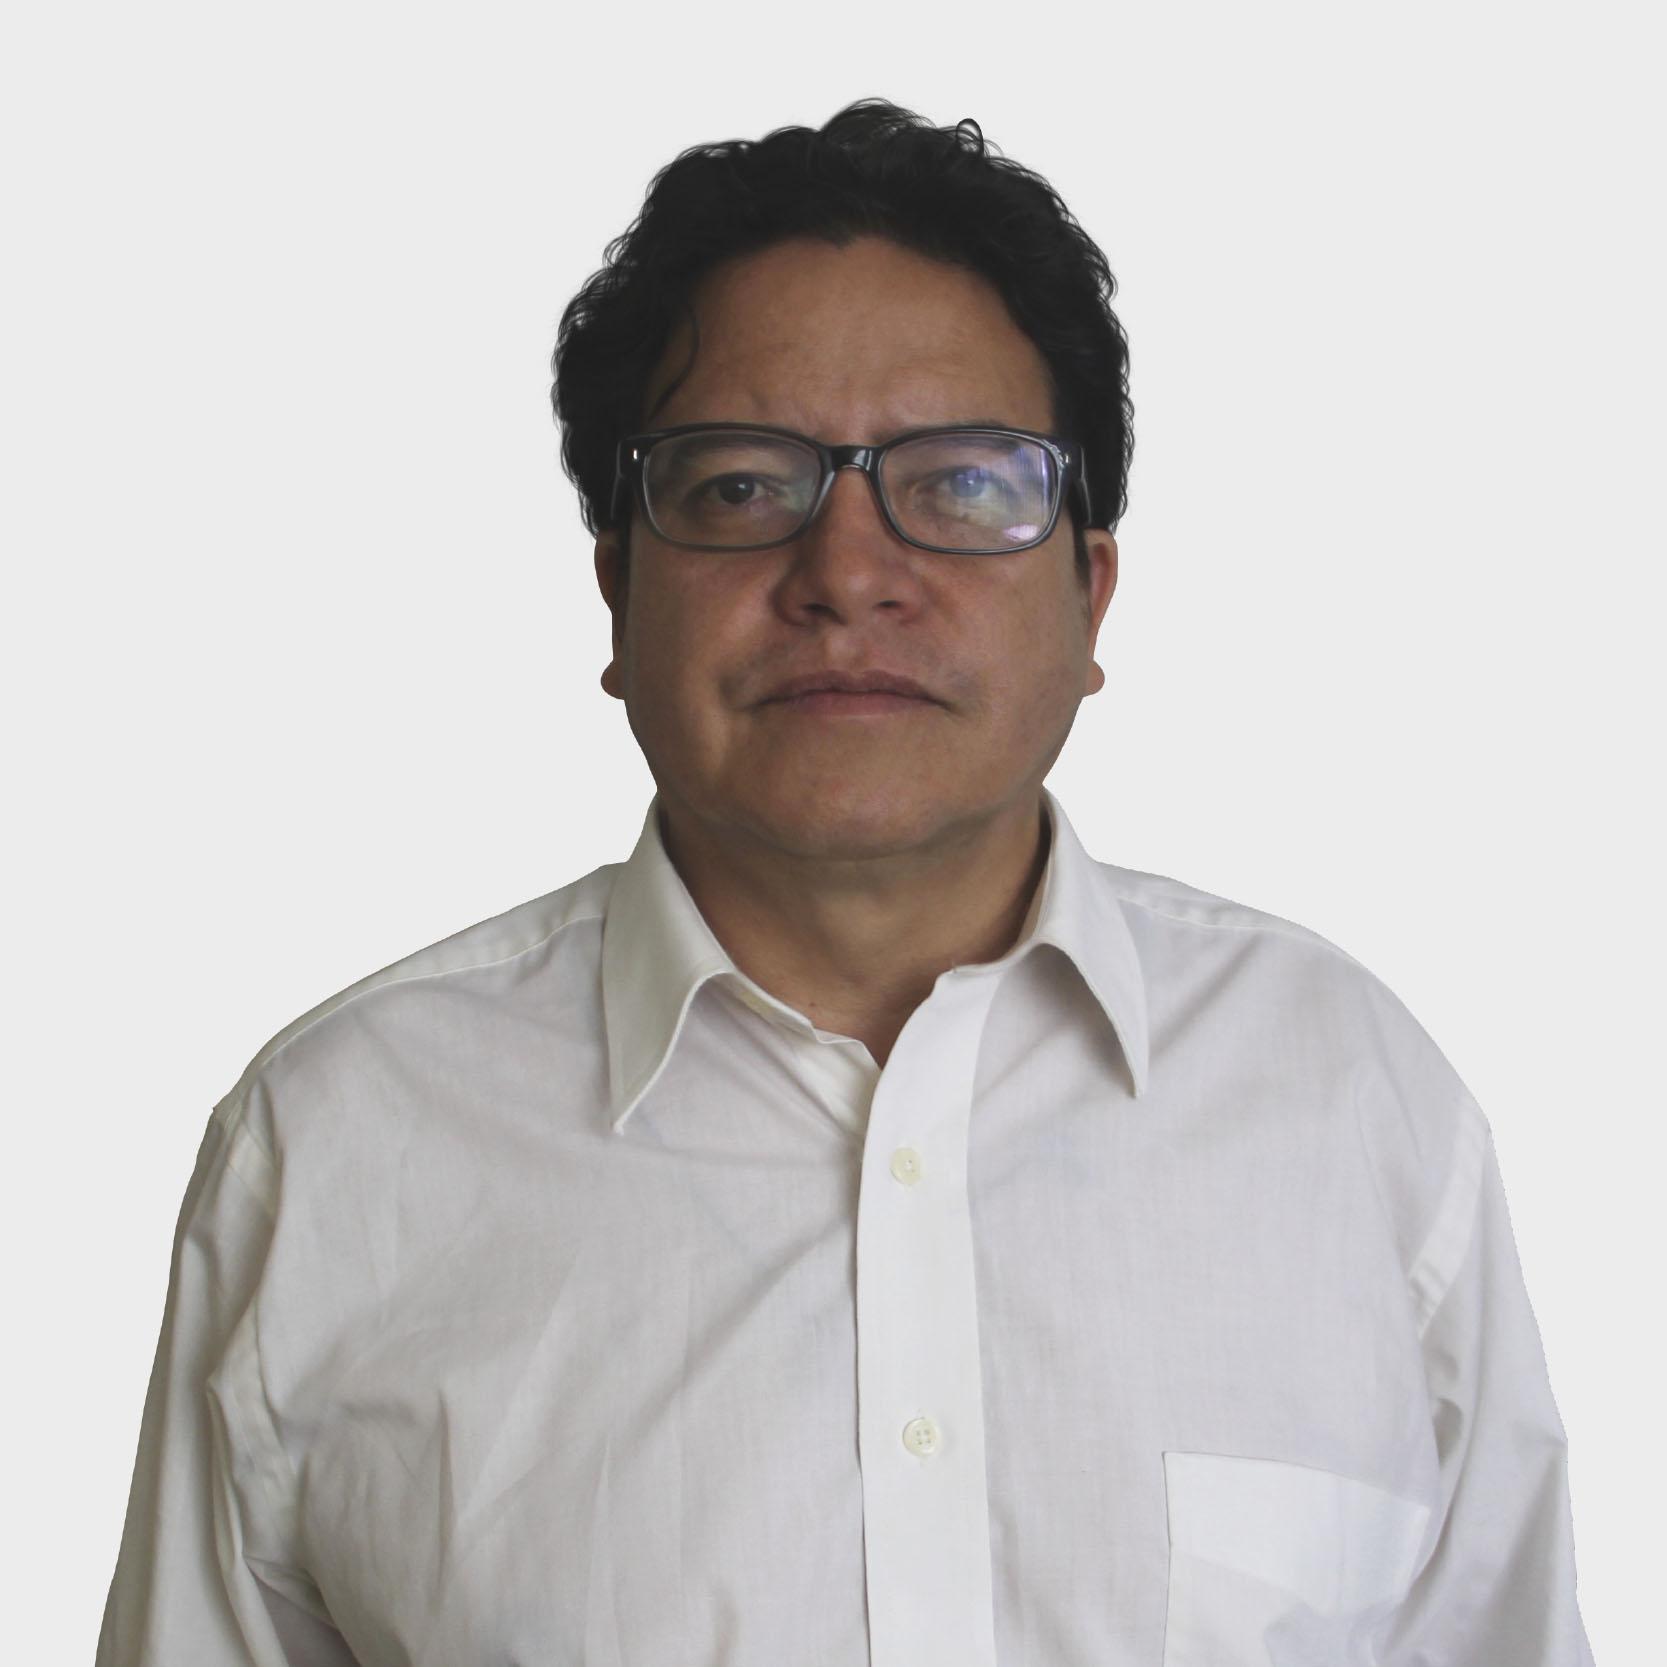 Arturo Bolaños Martínez